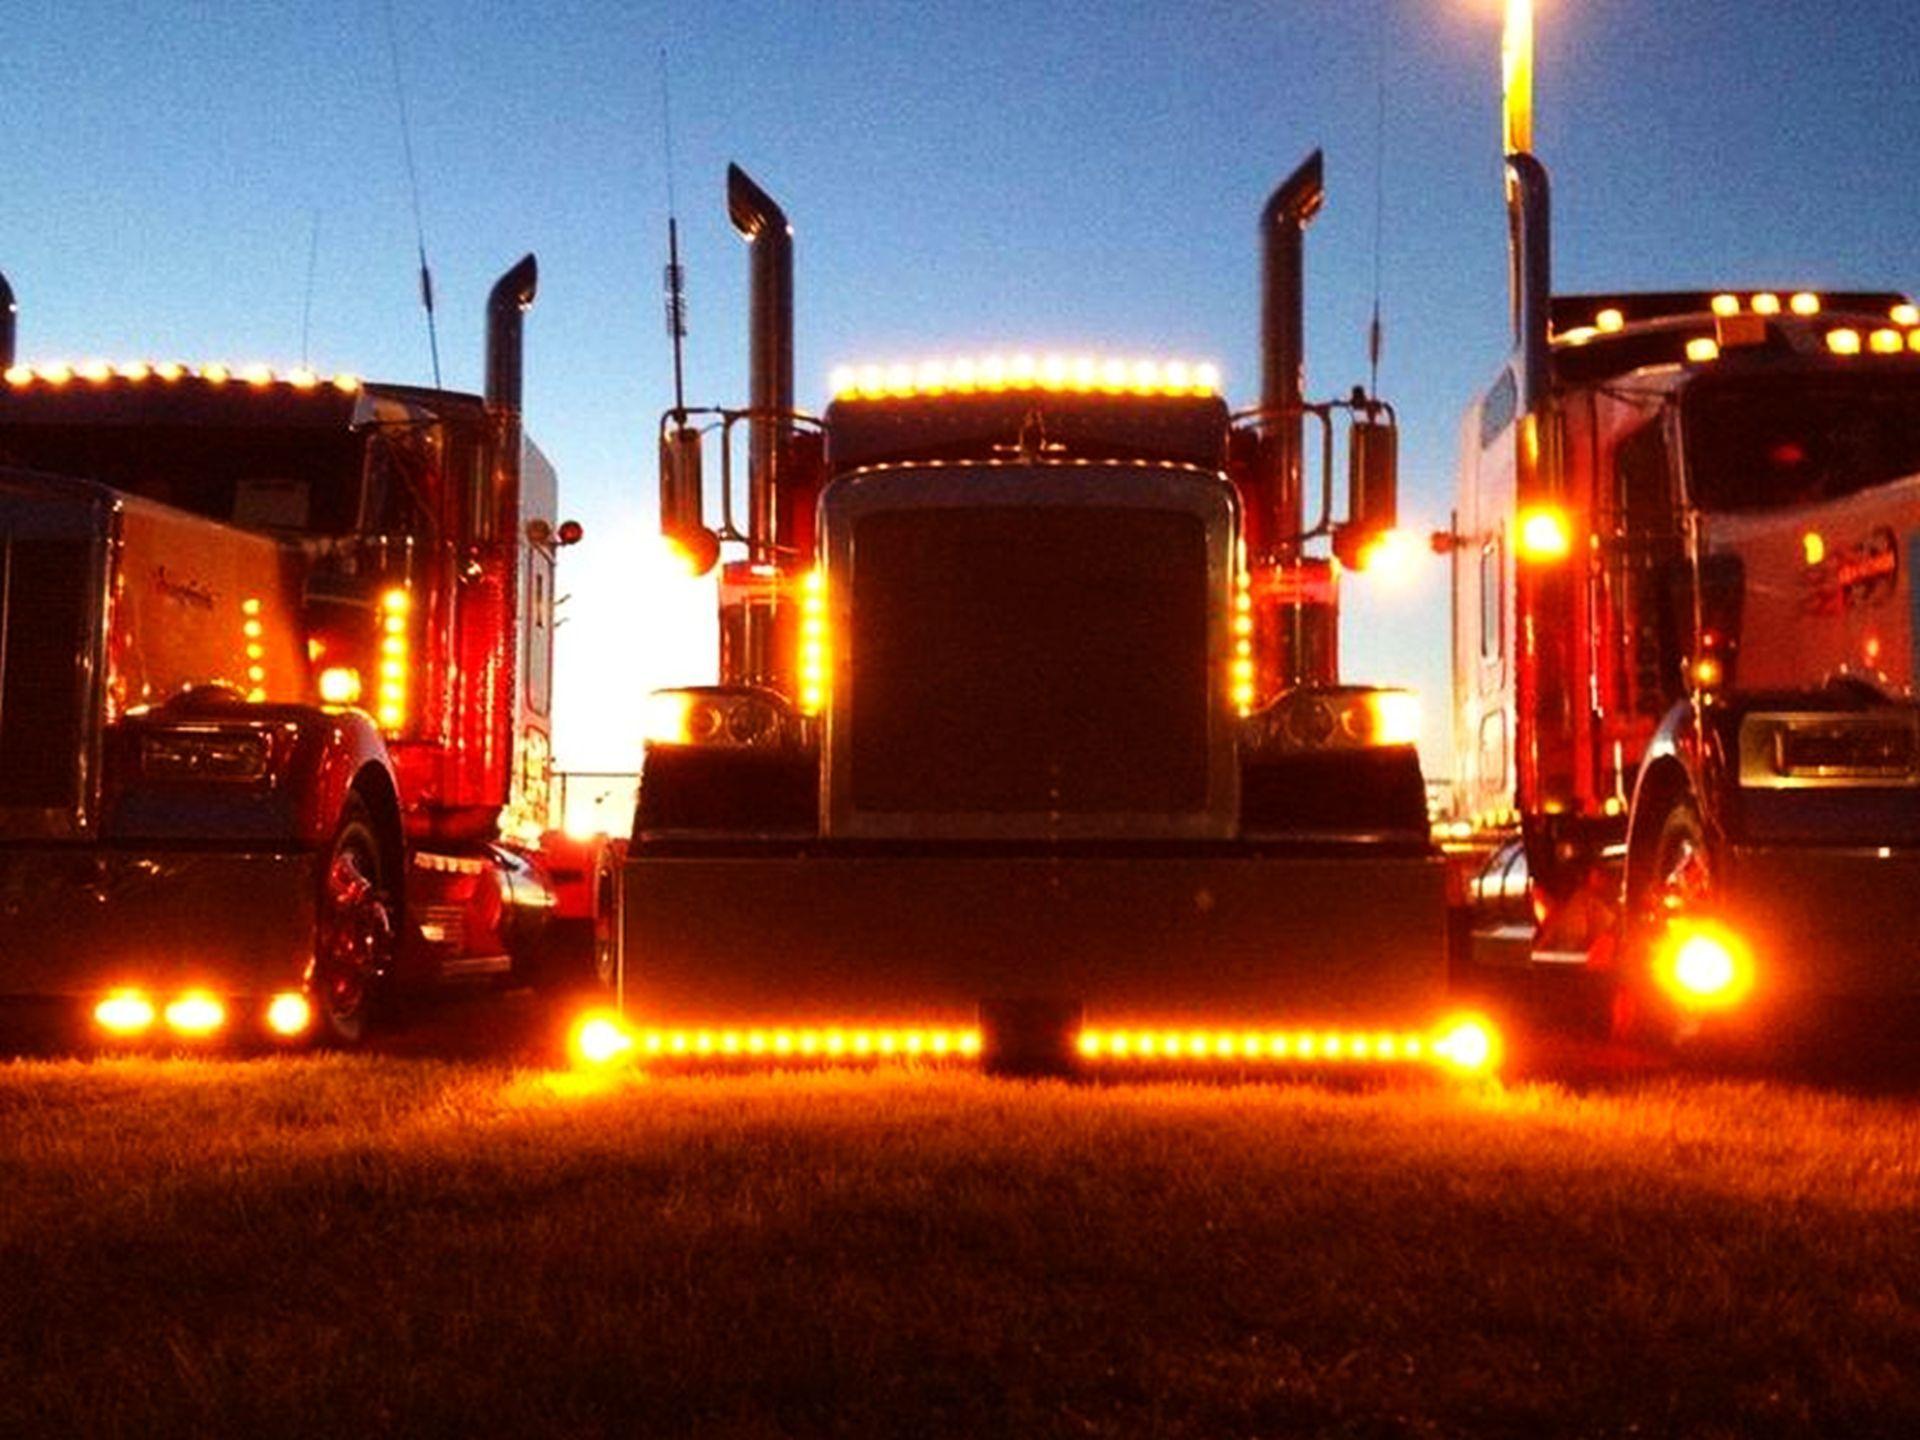 Chicken Lites Big Trucks Trucks Peterbilt Trucks